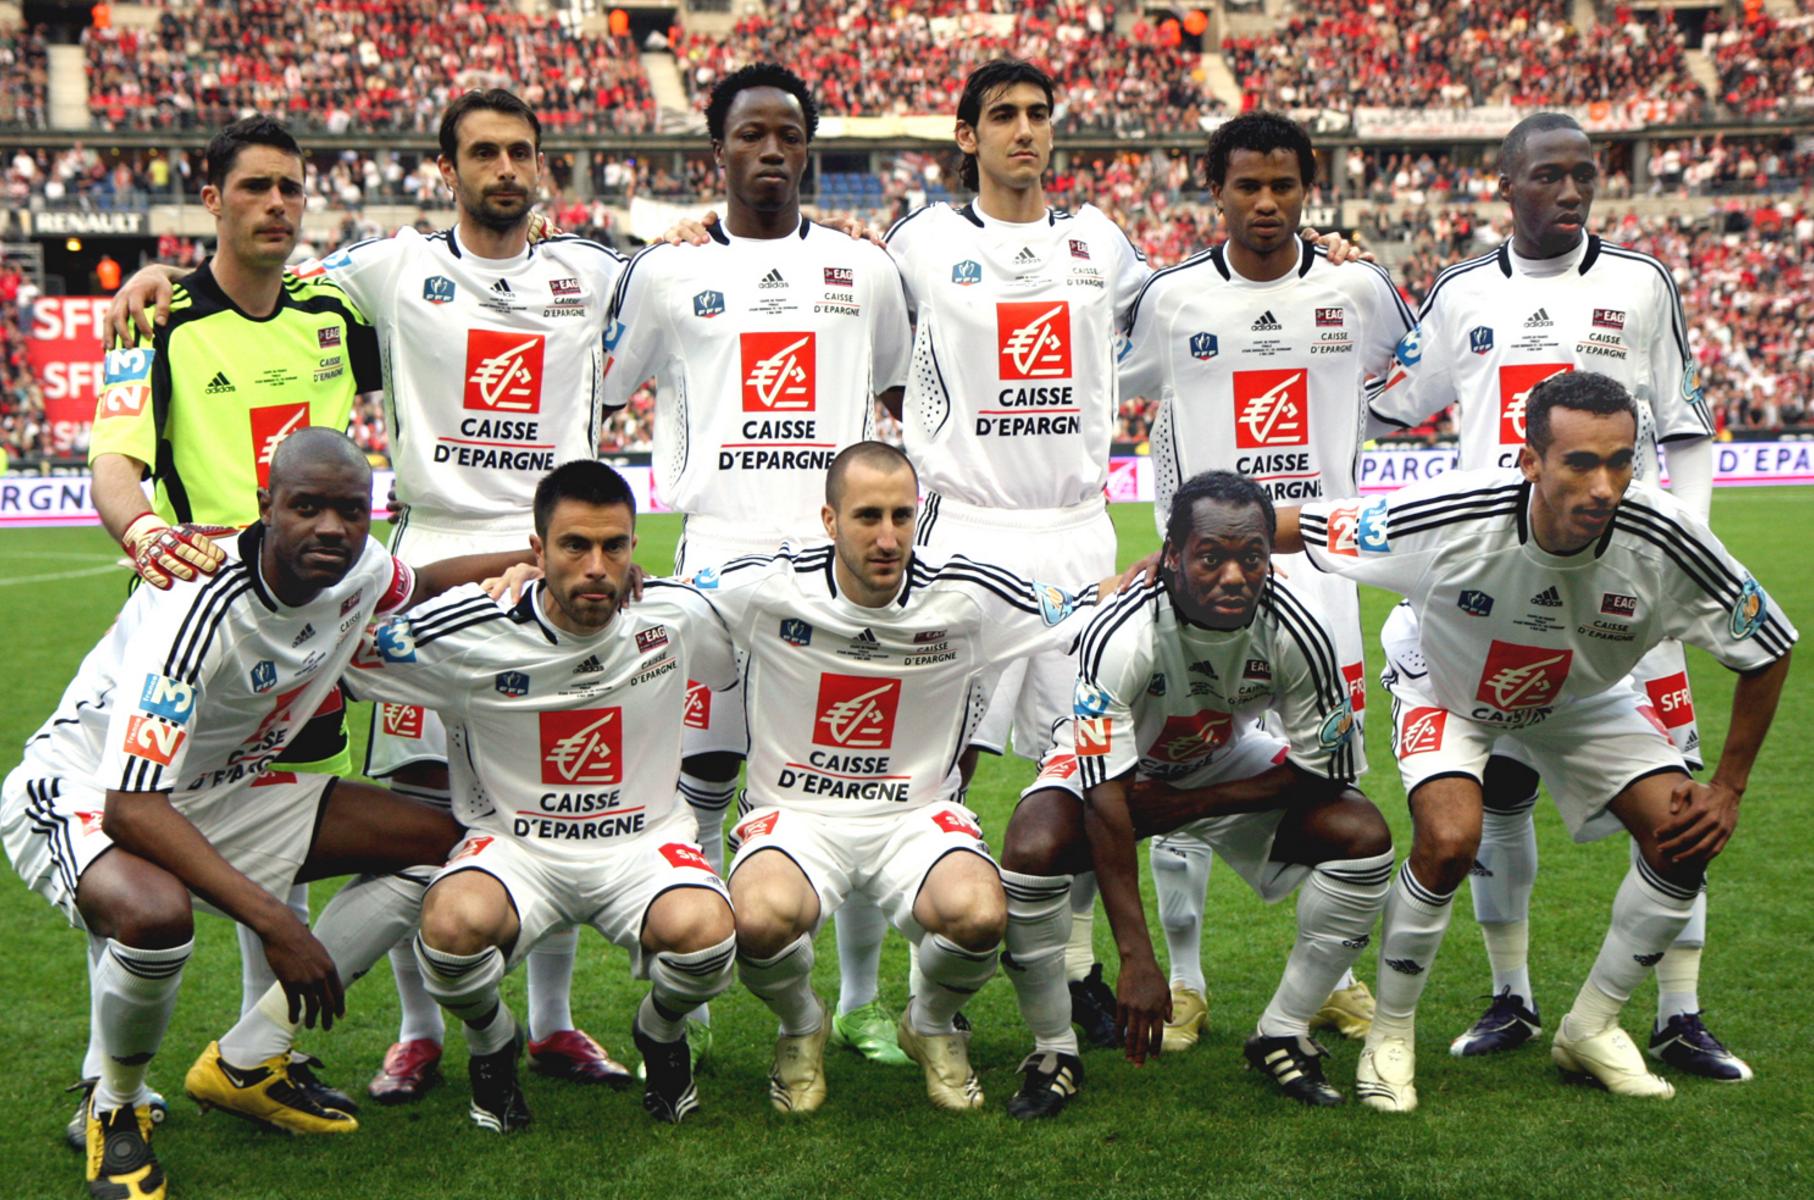 cdf-2009